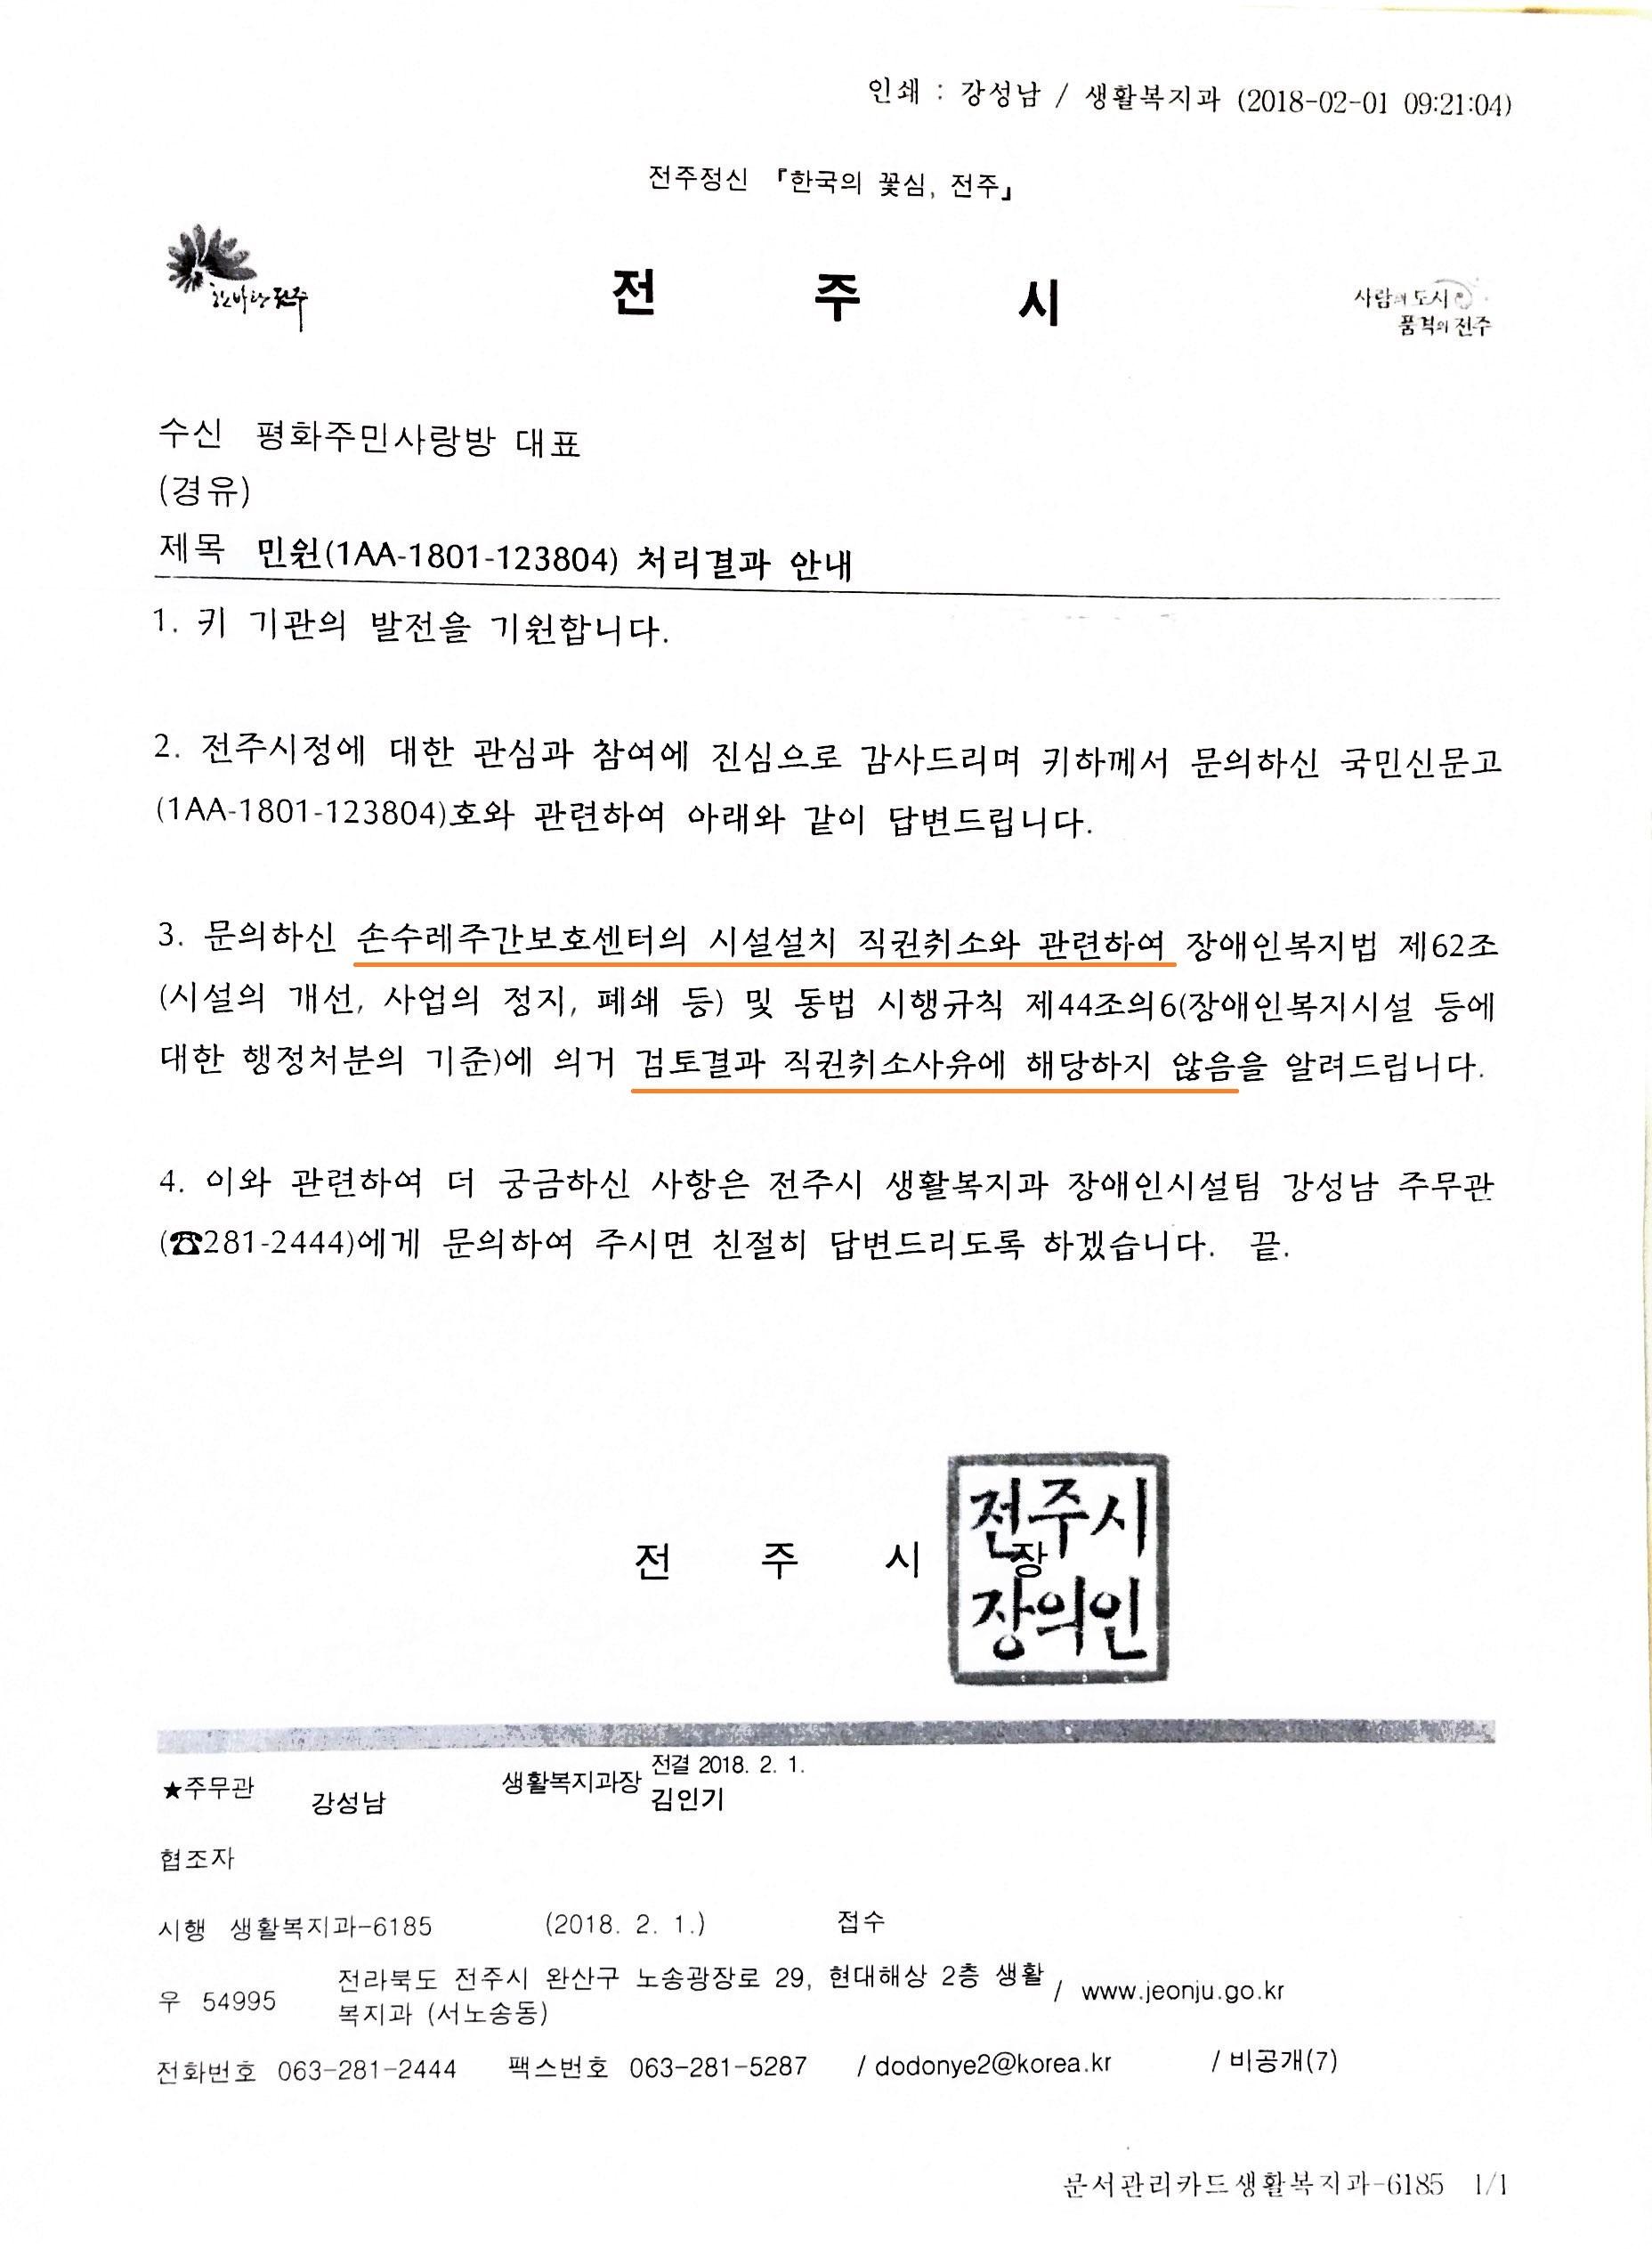 수정_전주시 생활복지과-6185(2018.2.1) 손수레 직권취소 답변.jpg